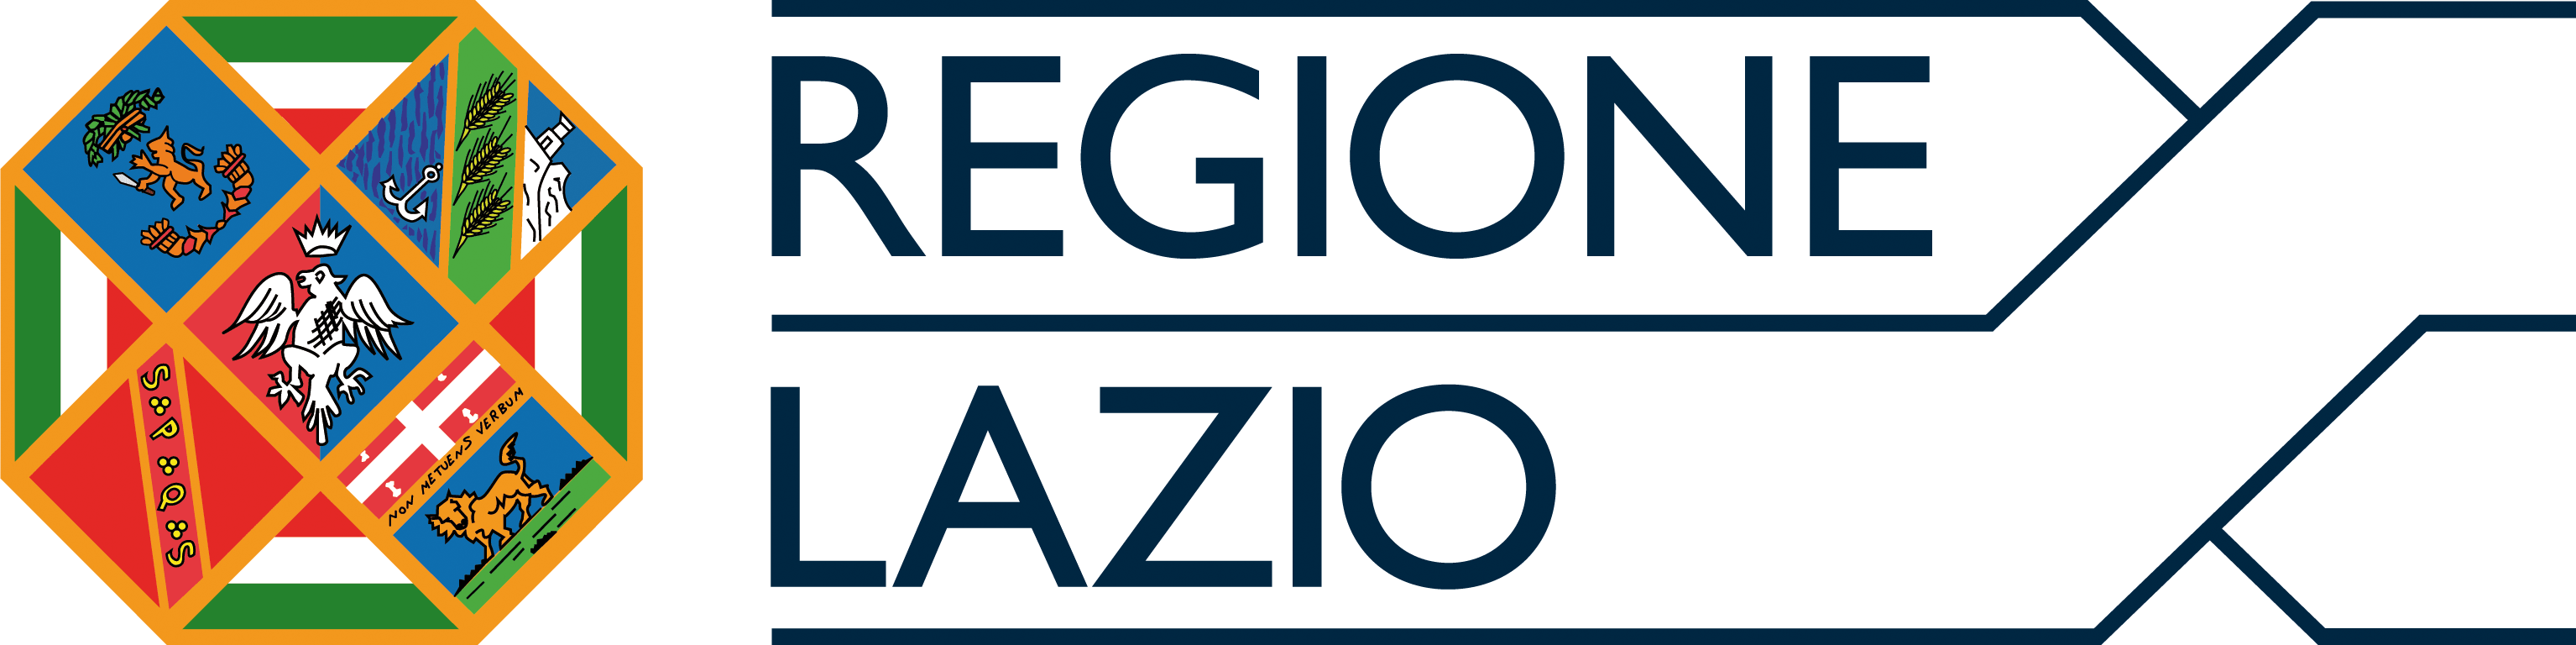 Regione Lazio a Focus Città e Siti UNESCO